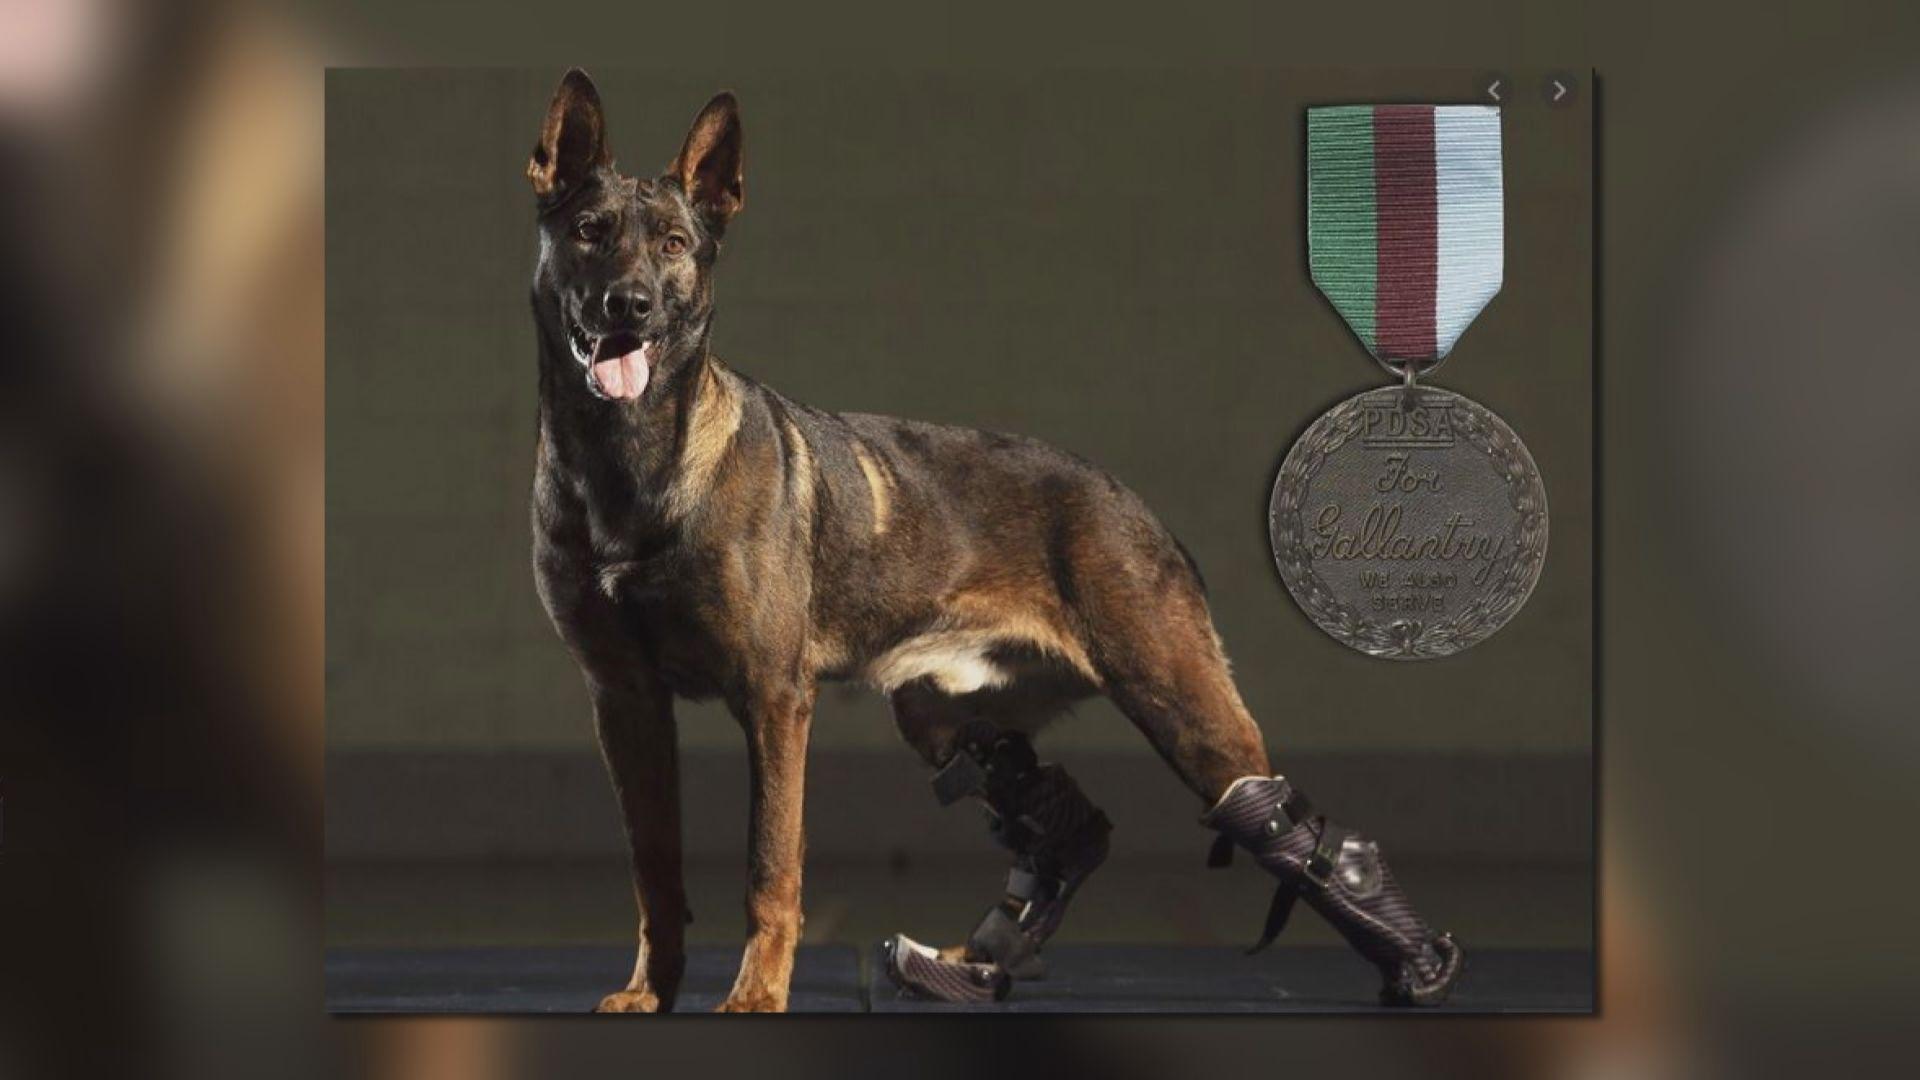 【環球薈報】英軍三歲軍犬獲頒英勇勳章